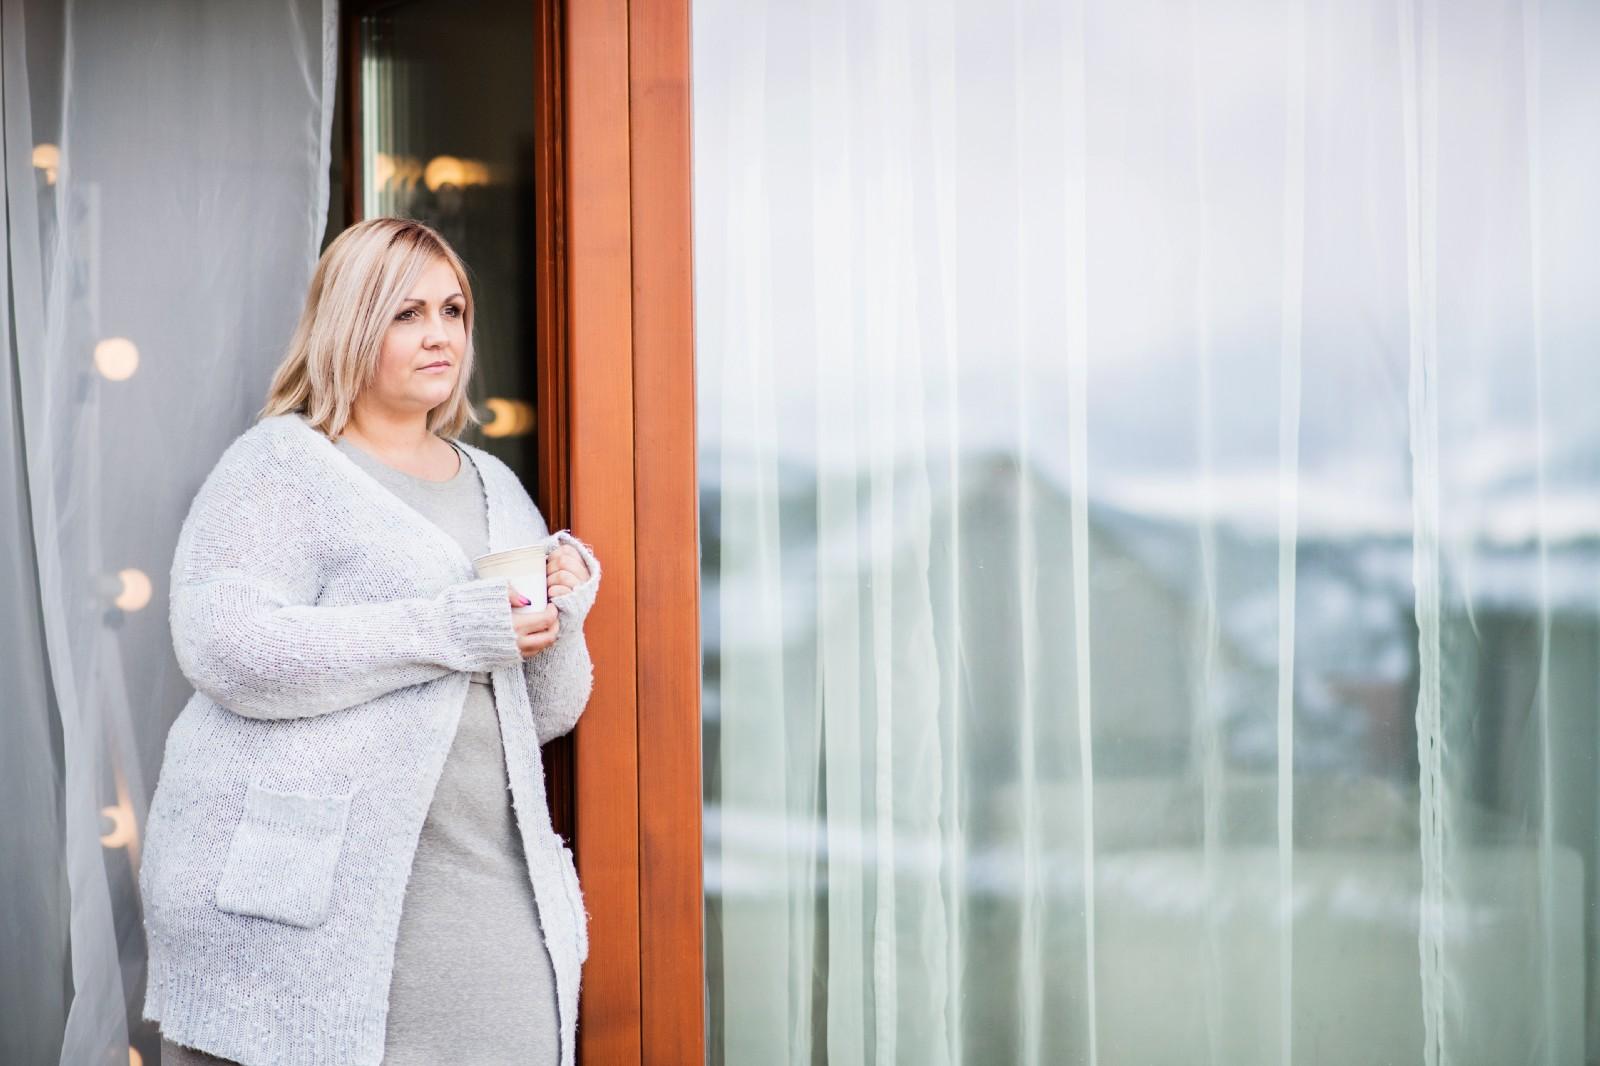 Read more about the article Obesidade na adolescência pode deixar marcas